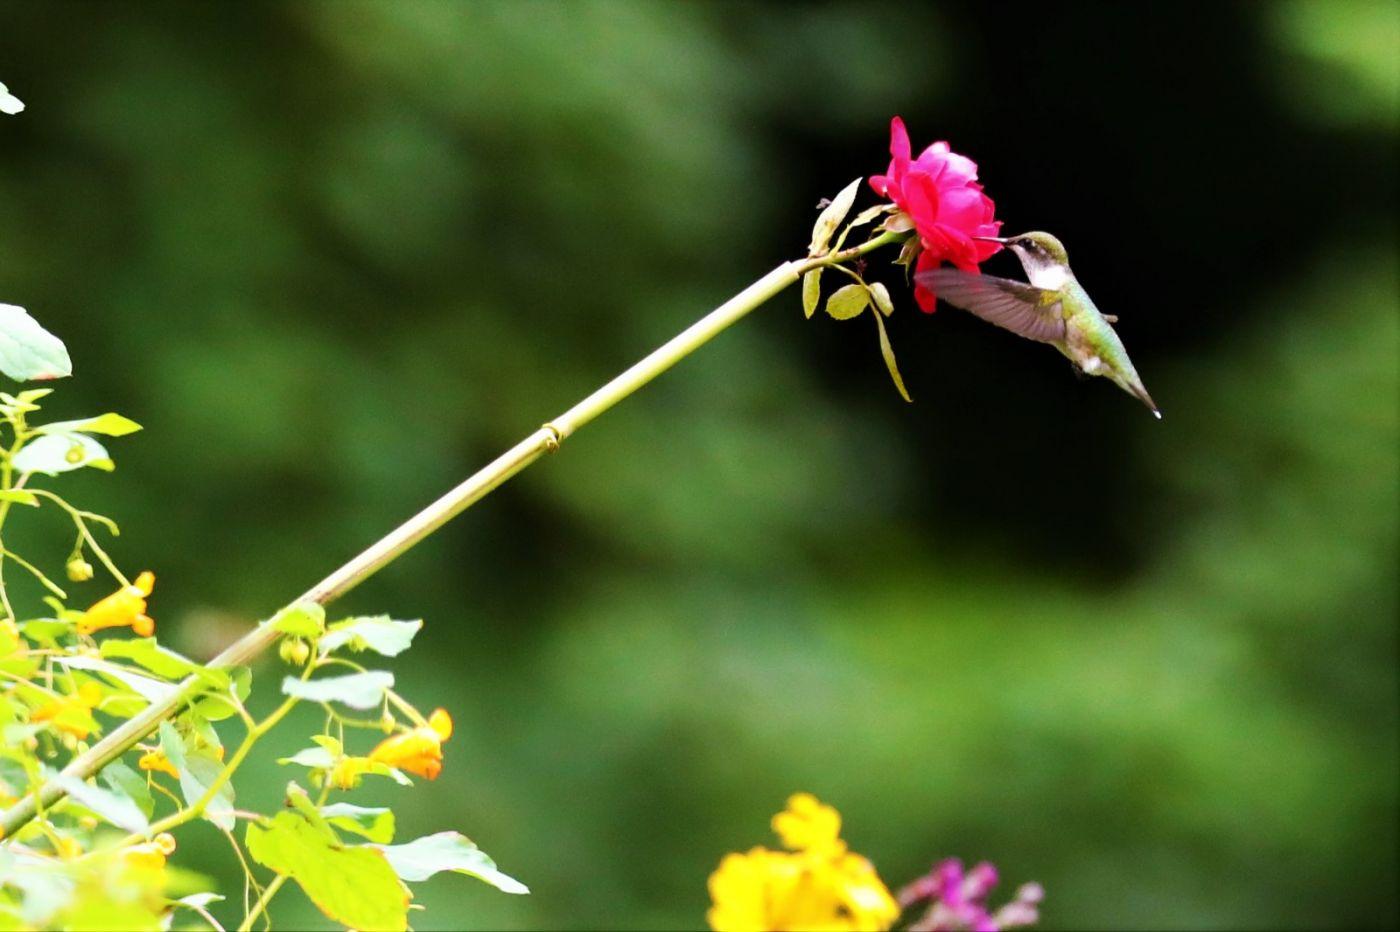 【爱摄影】追拍蜂鸟_图1-2